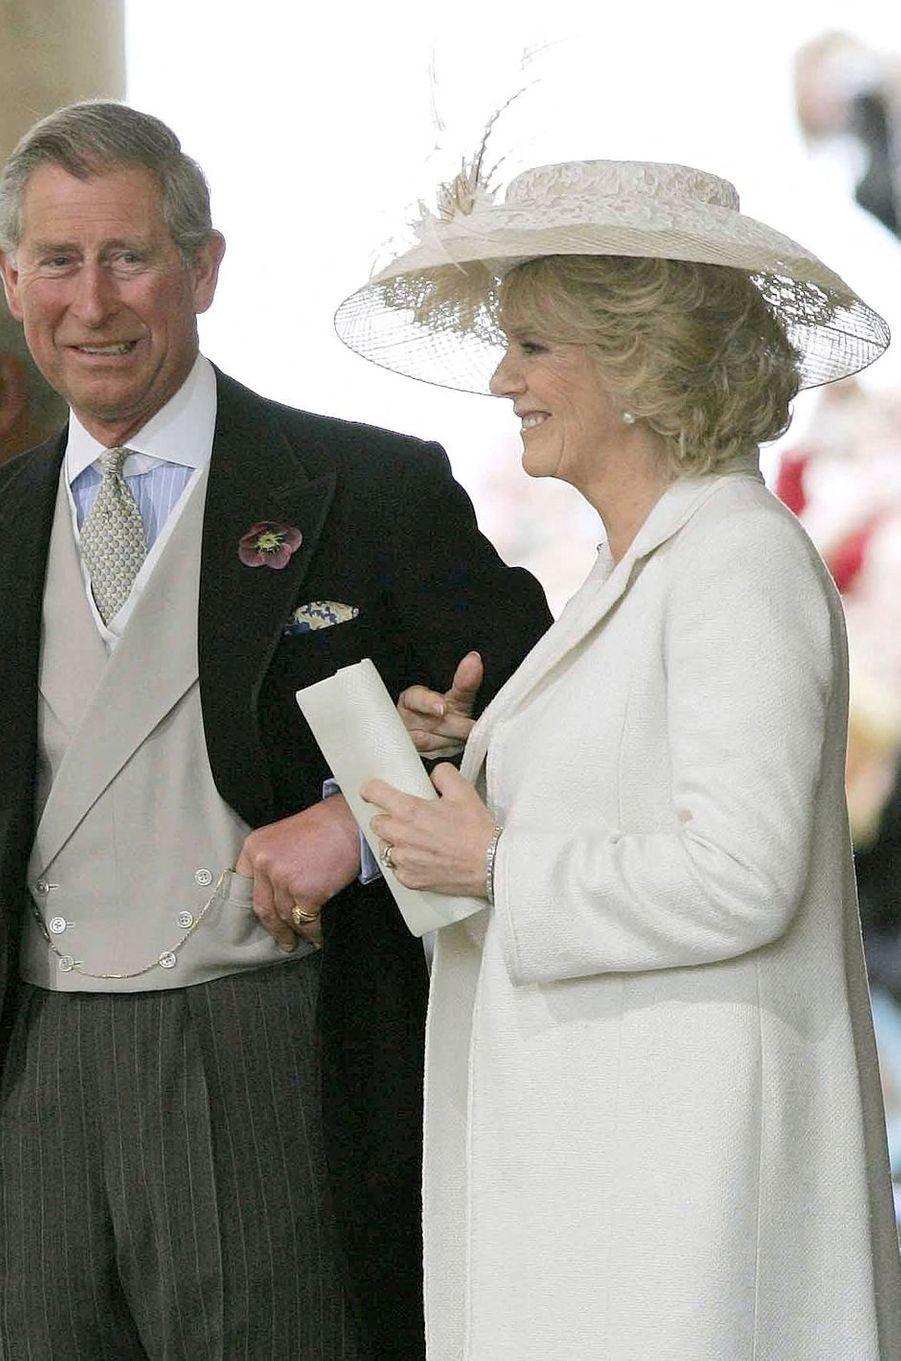 Camilla Parker Bowles lors de son mariage civil avec le prince Charles, le 9 avril 2005